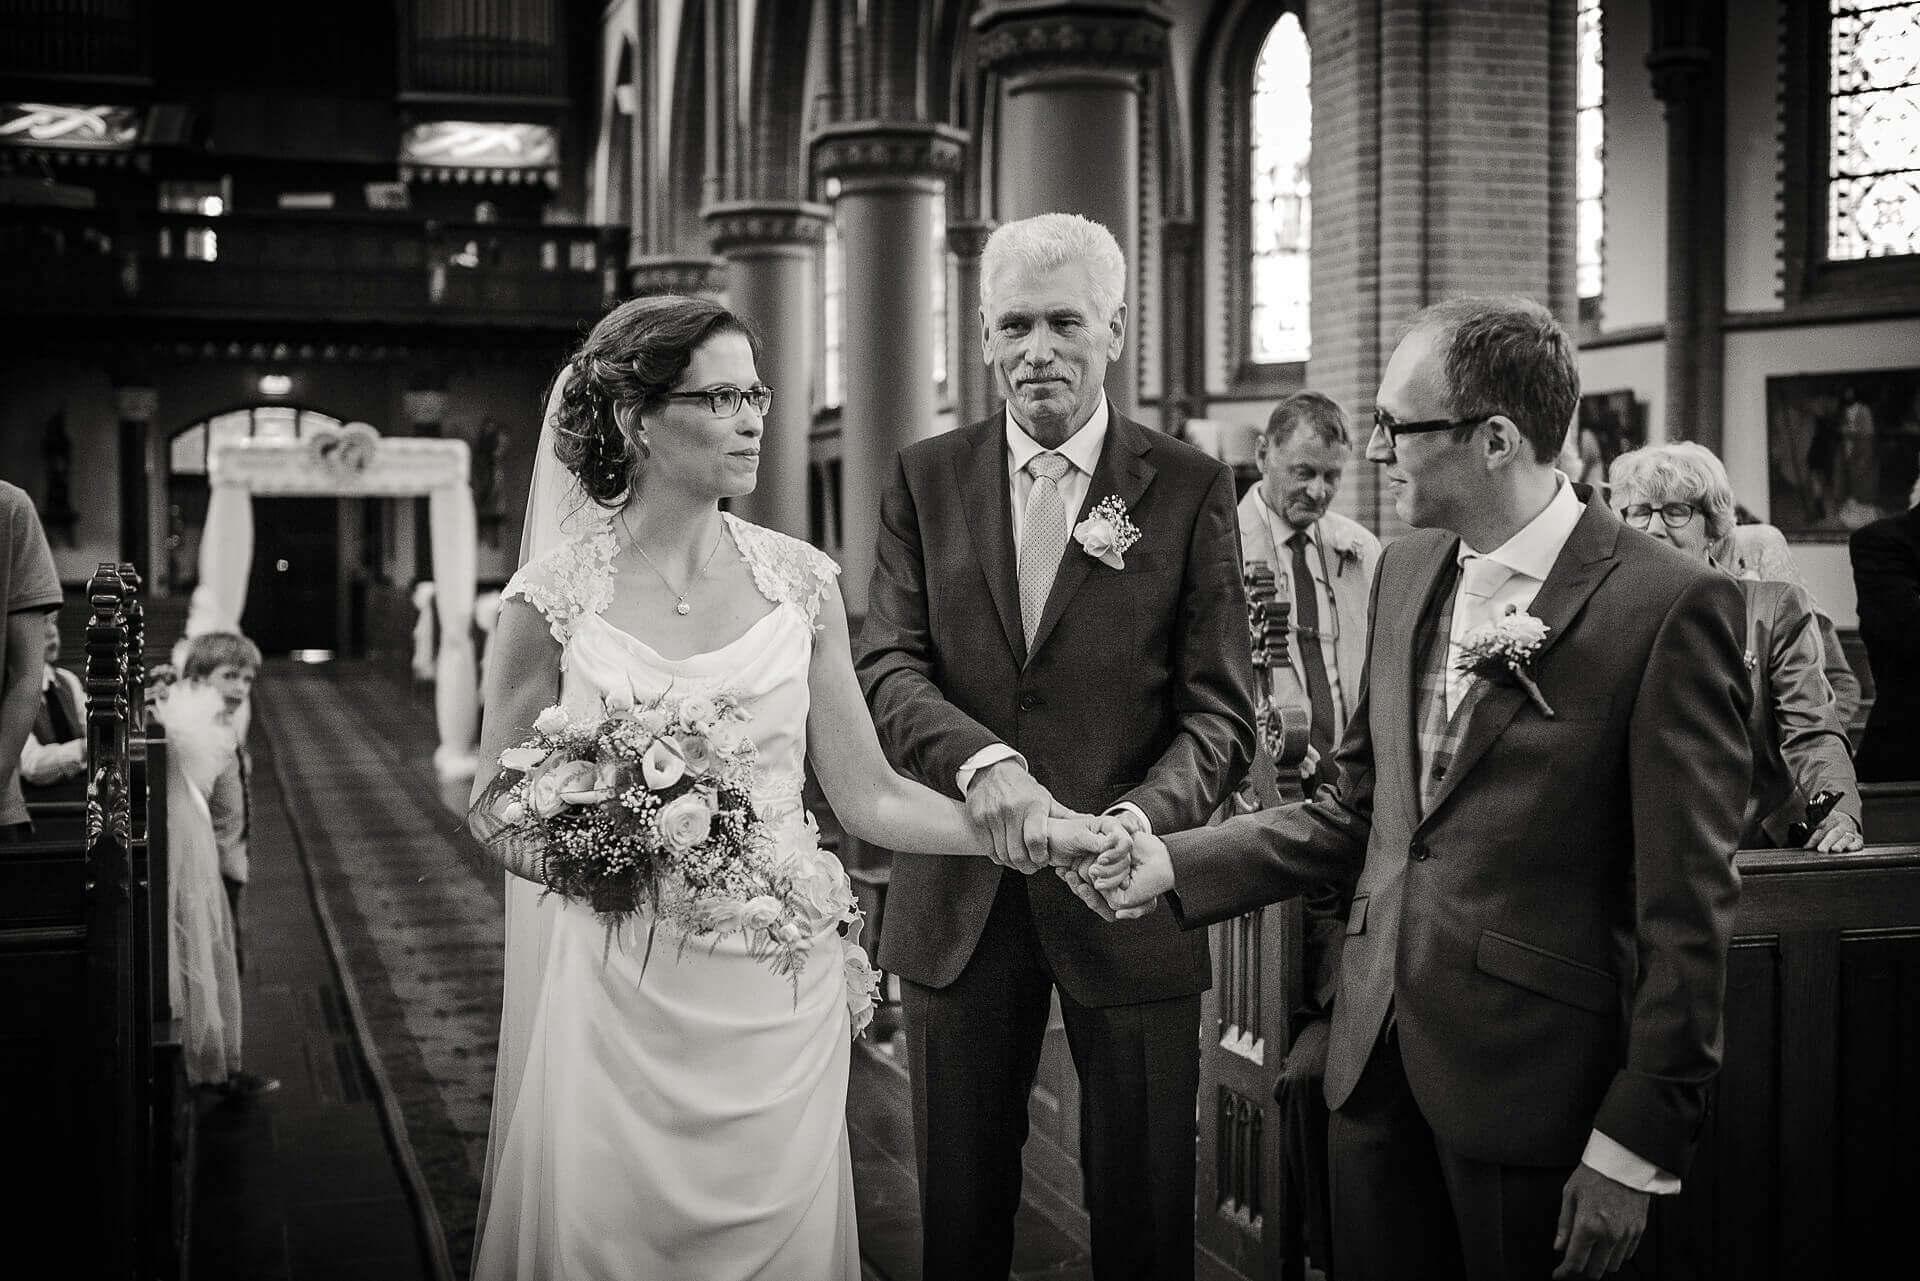 2017,De Hoeve,Huwelijk,Jochumhof,Martinus kerk Tegelen,Tegelen,Venlo,Zwart-Wit,